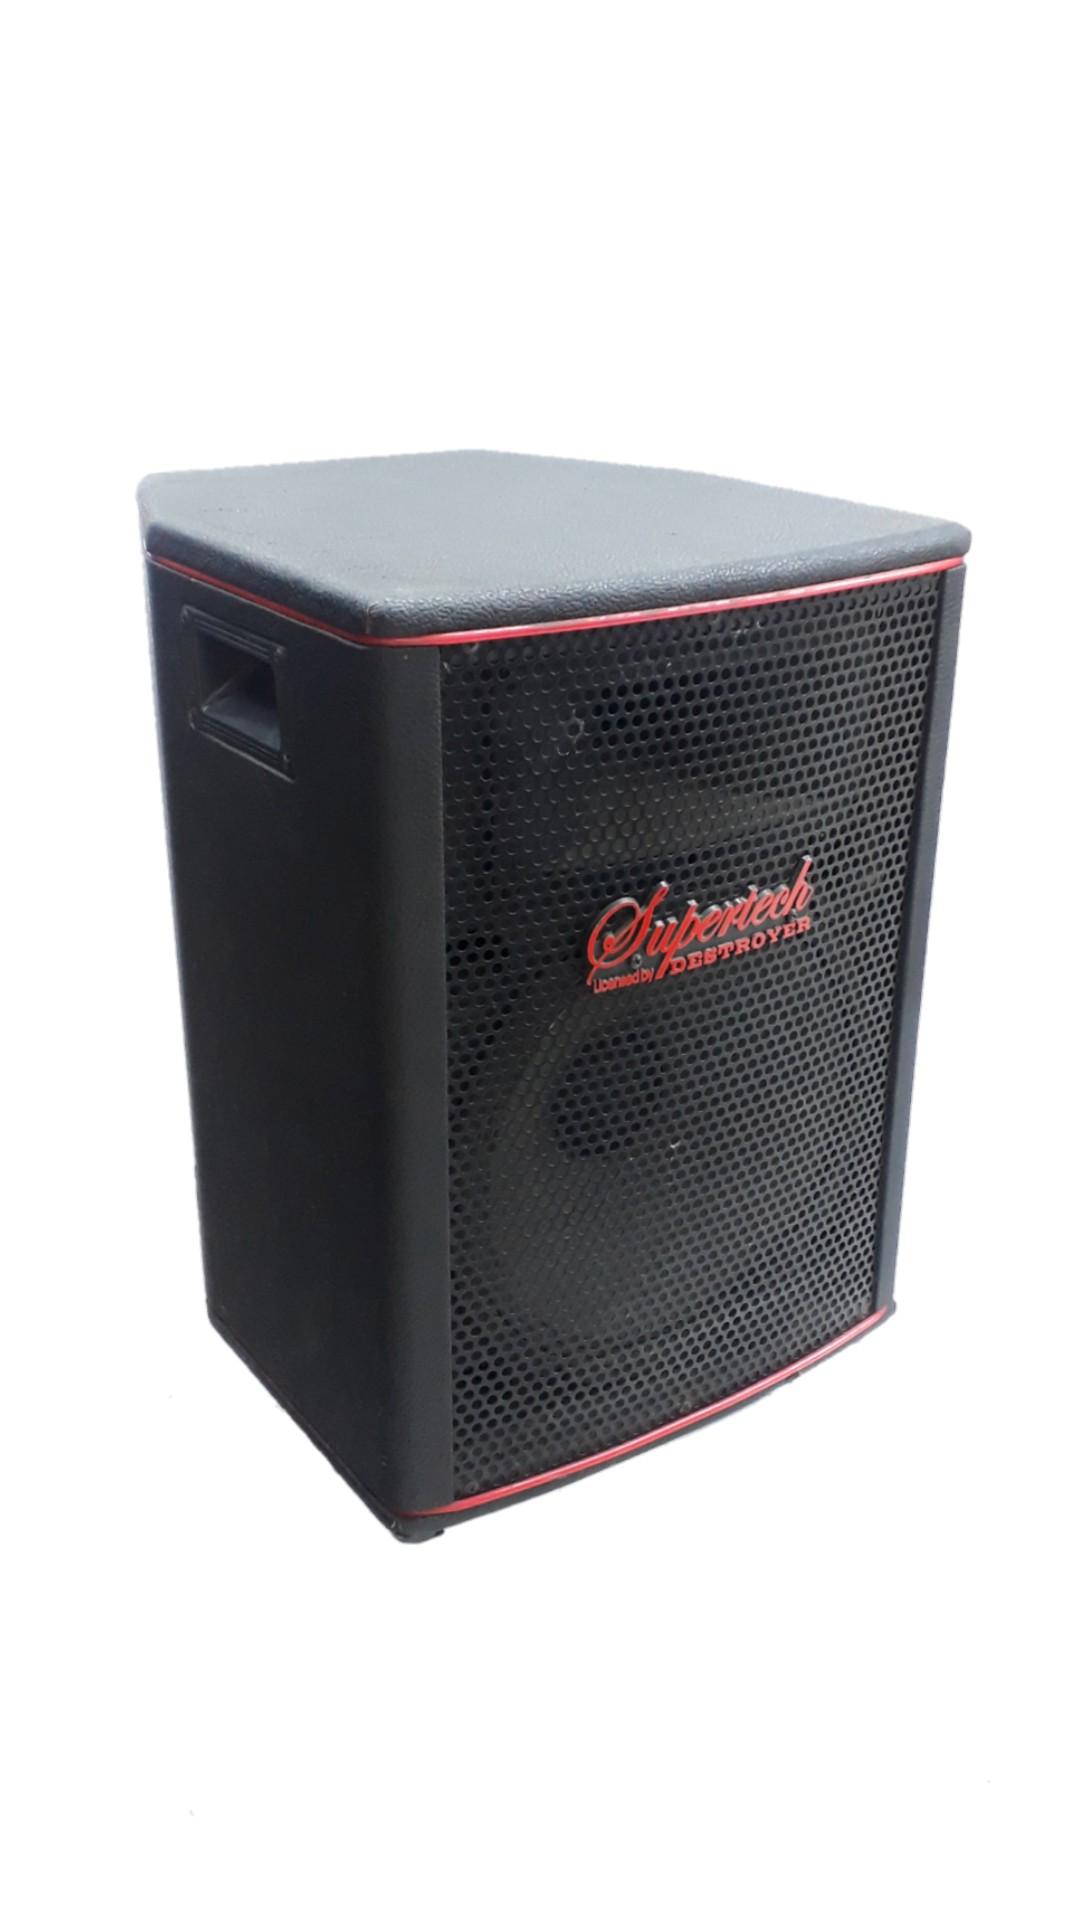 Caixa Acústica Supertech Hibrida Falante12.2 120wref.